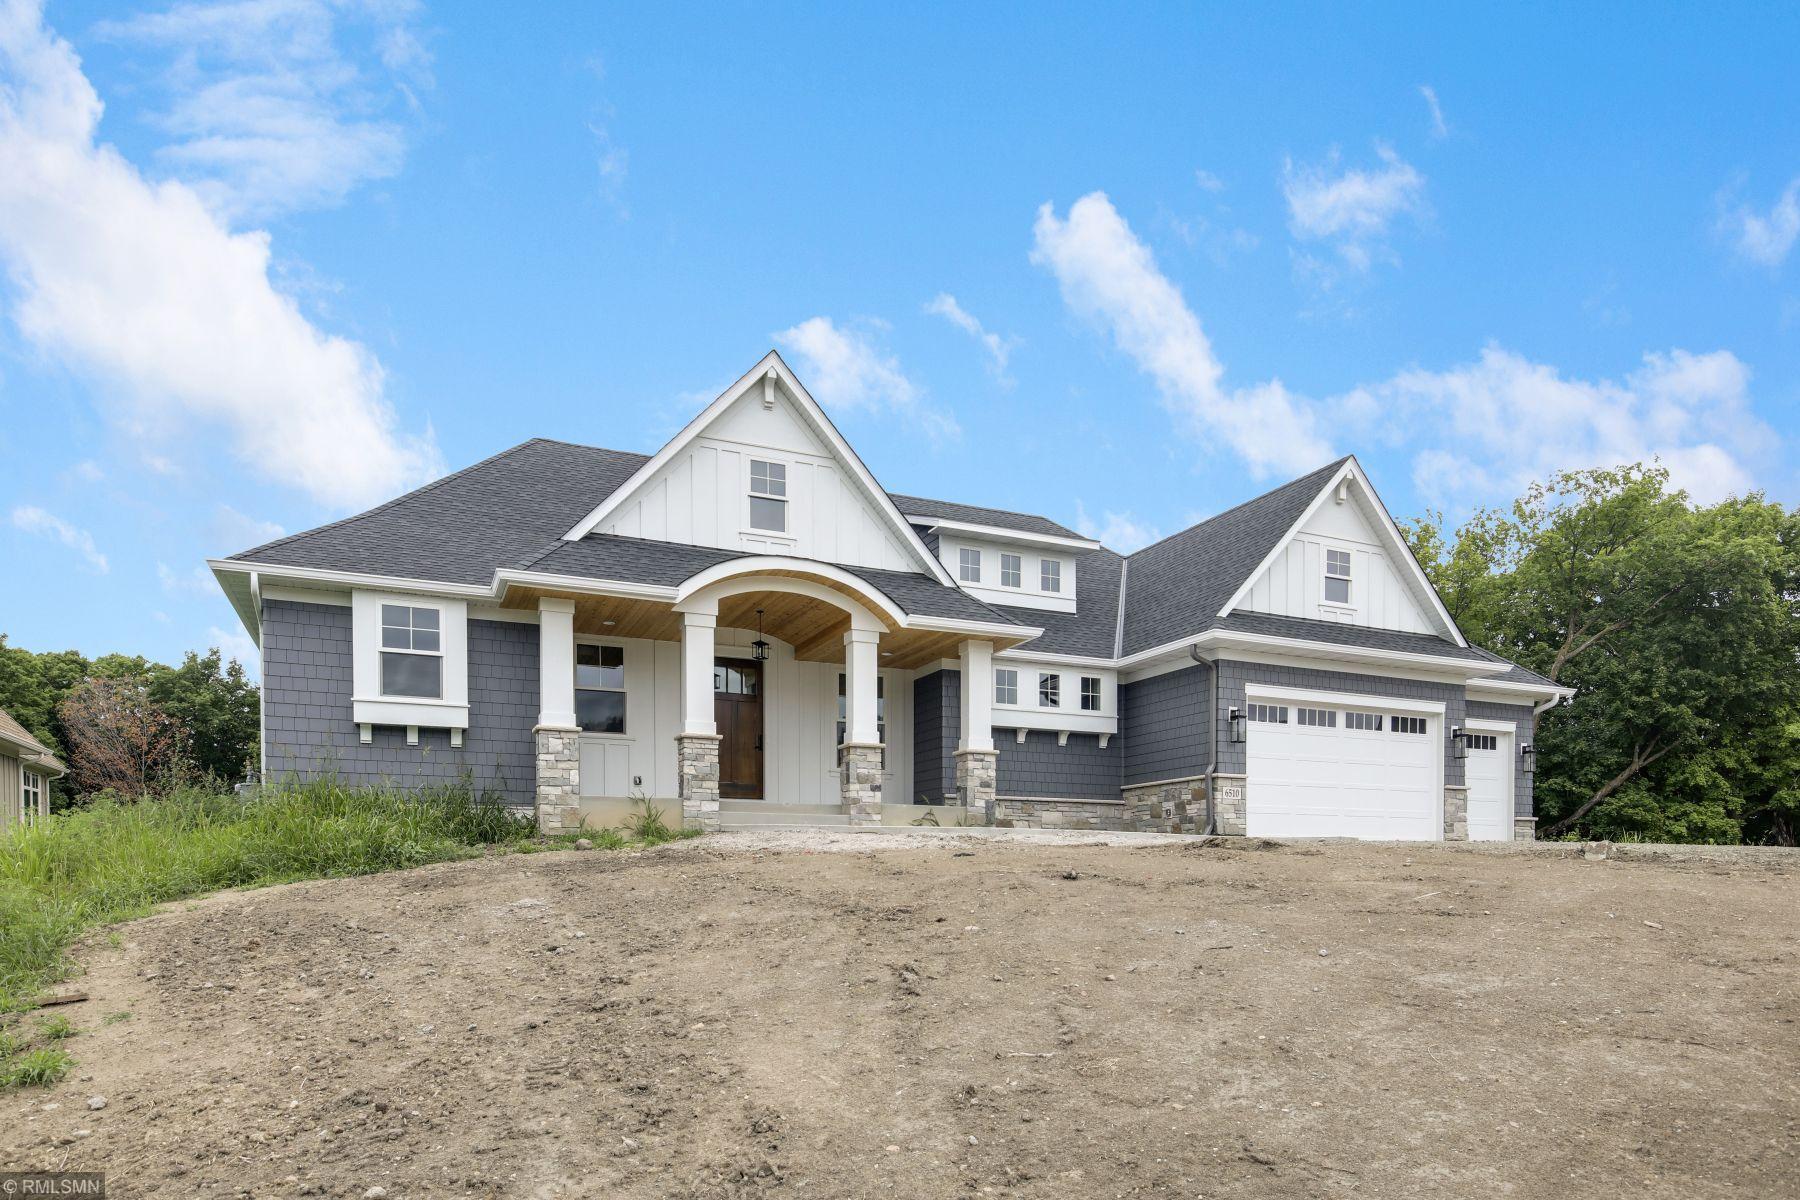 , Victoria, MN 55331 - Victoria, MN real estate listing